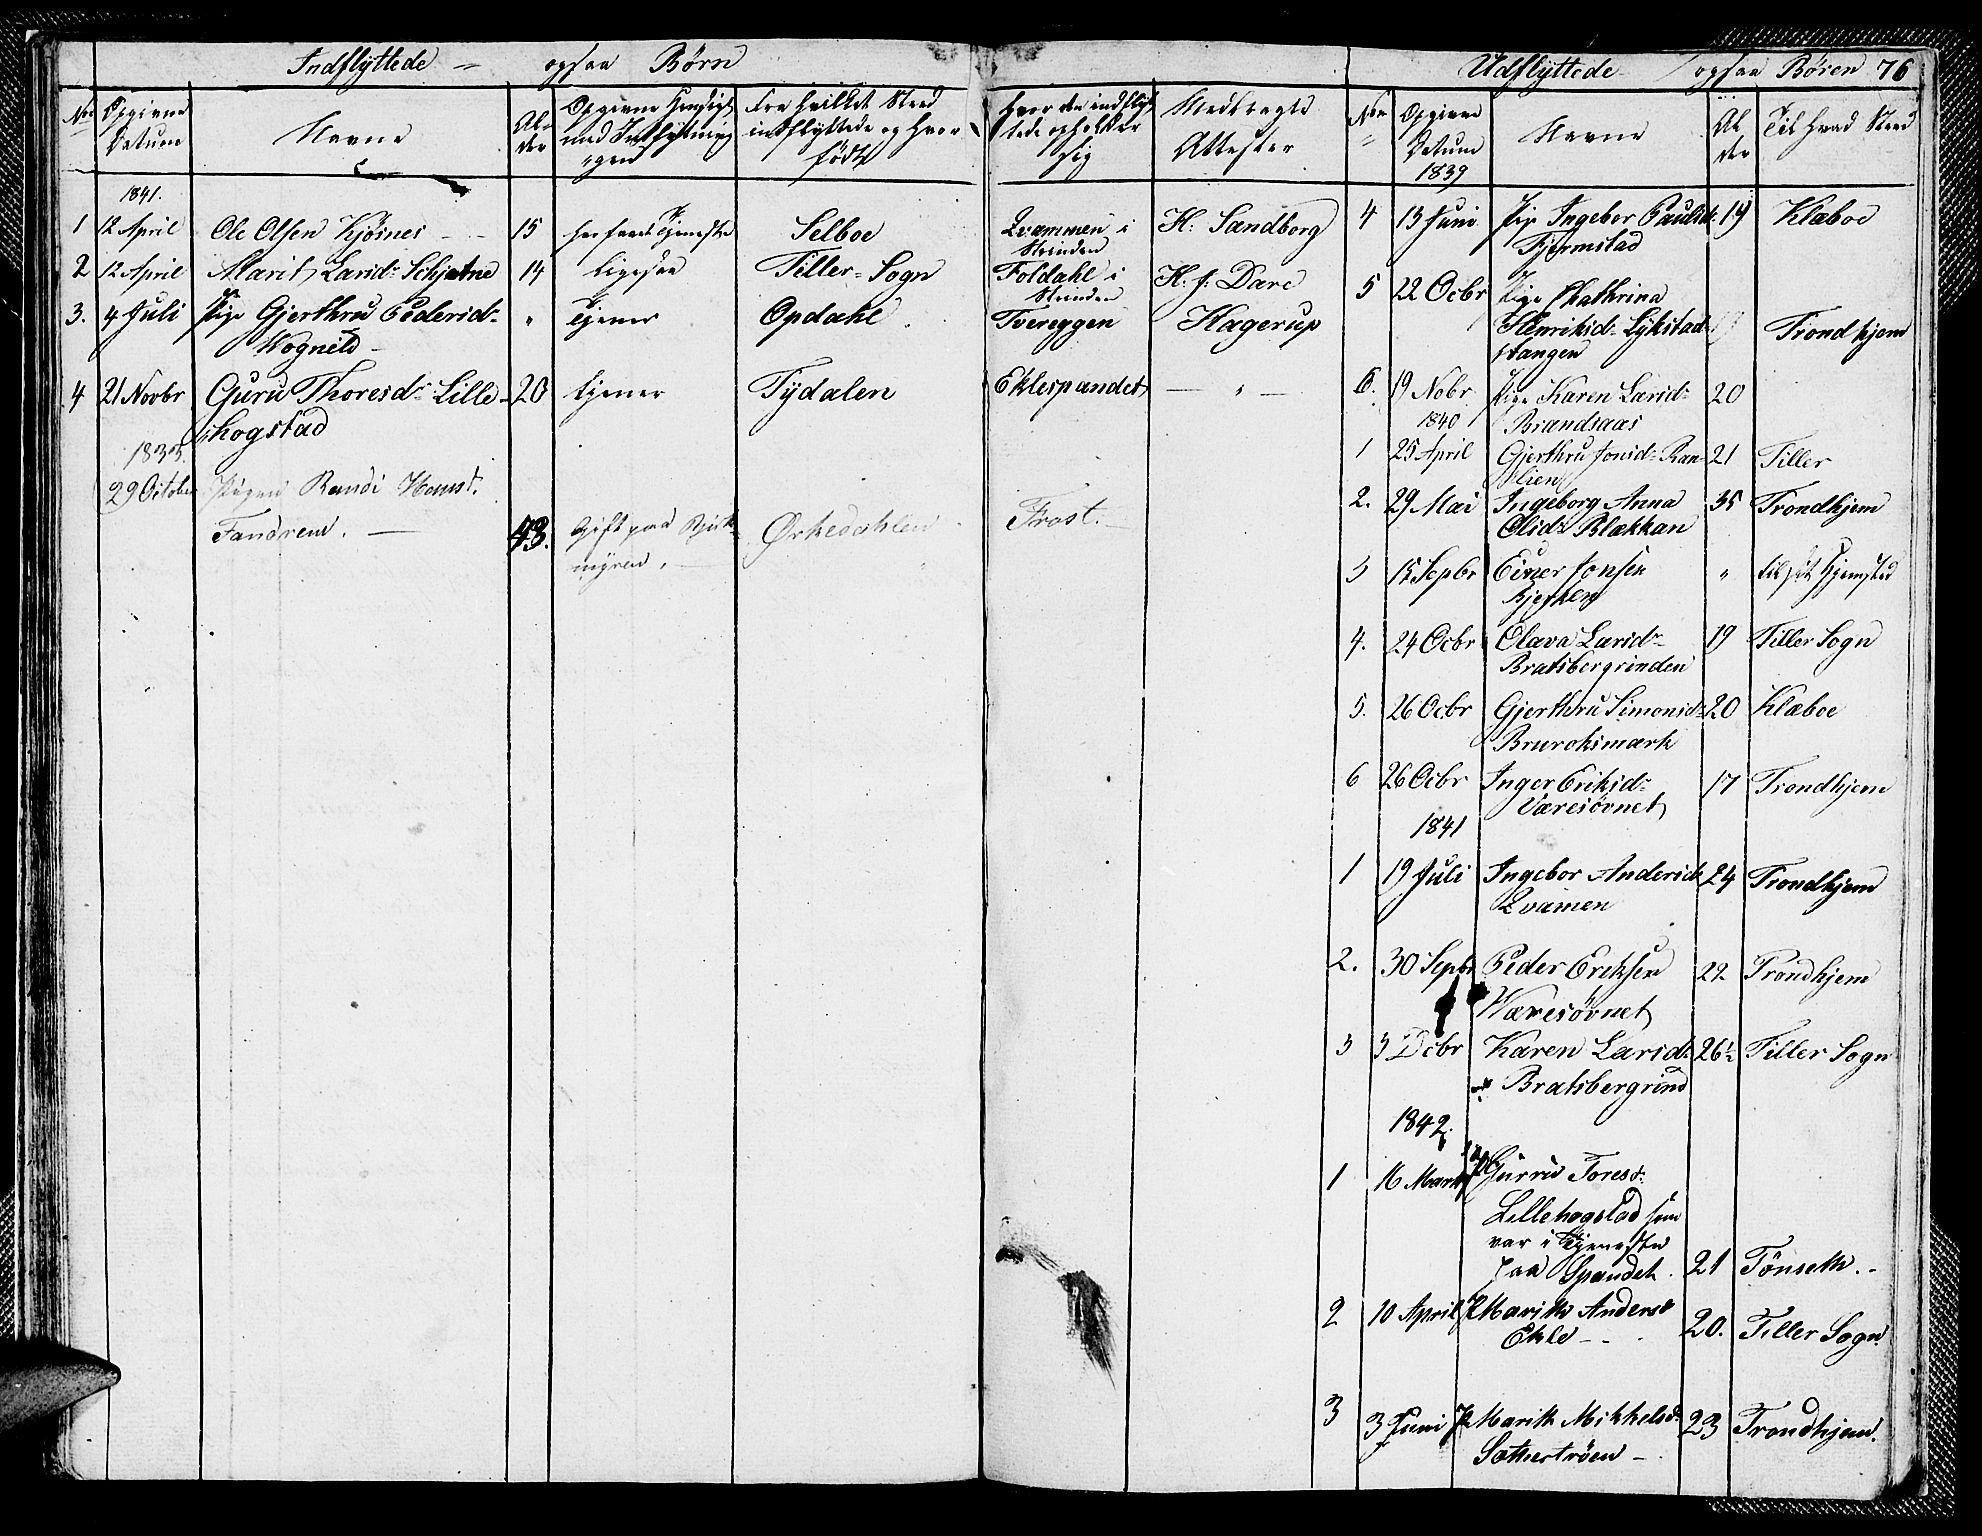 SAT, Ministerialprotokoller, klokkerbøker og fødselsregistre - Sør-Trøndelag, 608/L0338: Klokkerbok nr. 608C04, 1831-1843, s. 76